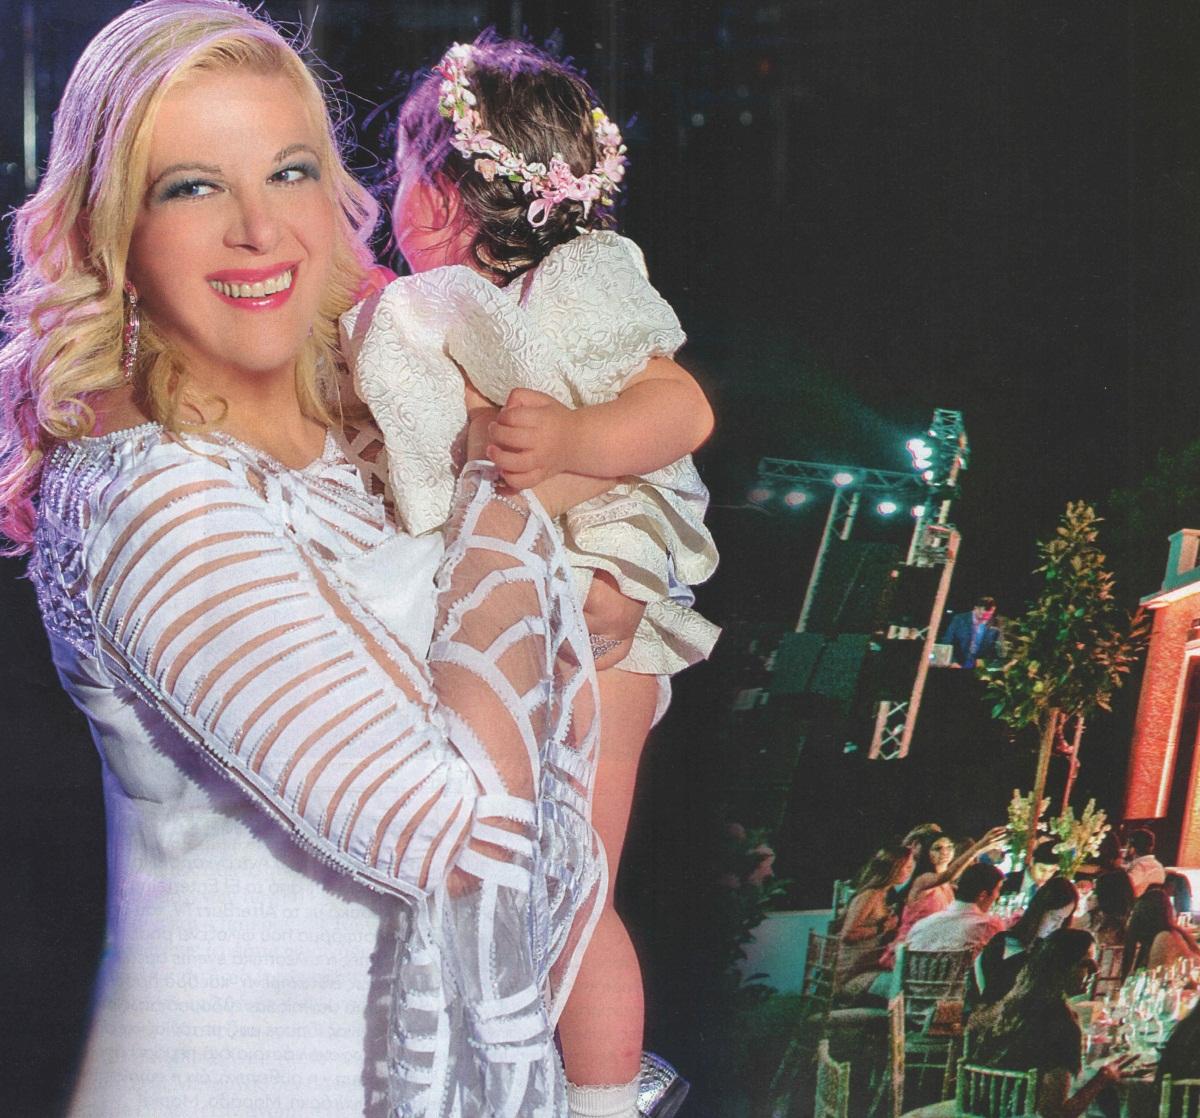 Τα χλιδάτα βαφτίσια της εγγονής του αείμνηστου εφοπλιστή Λουκά Χατζηιωάννου και η έκπληξη από τον Αντώνη Ρέμο! Φωτογραφίες | tlife.gr